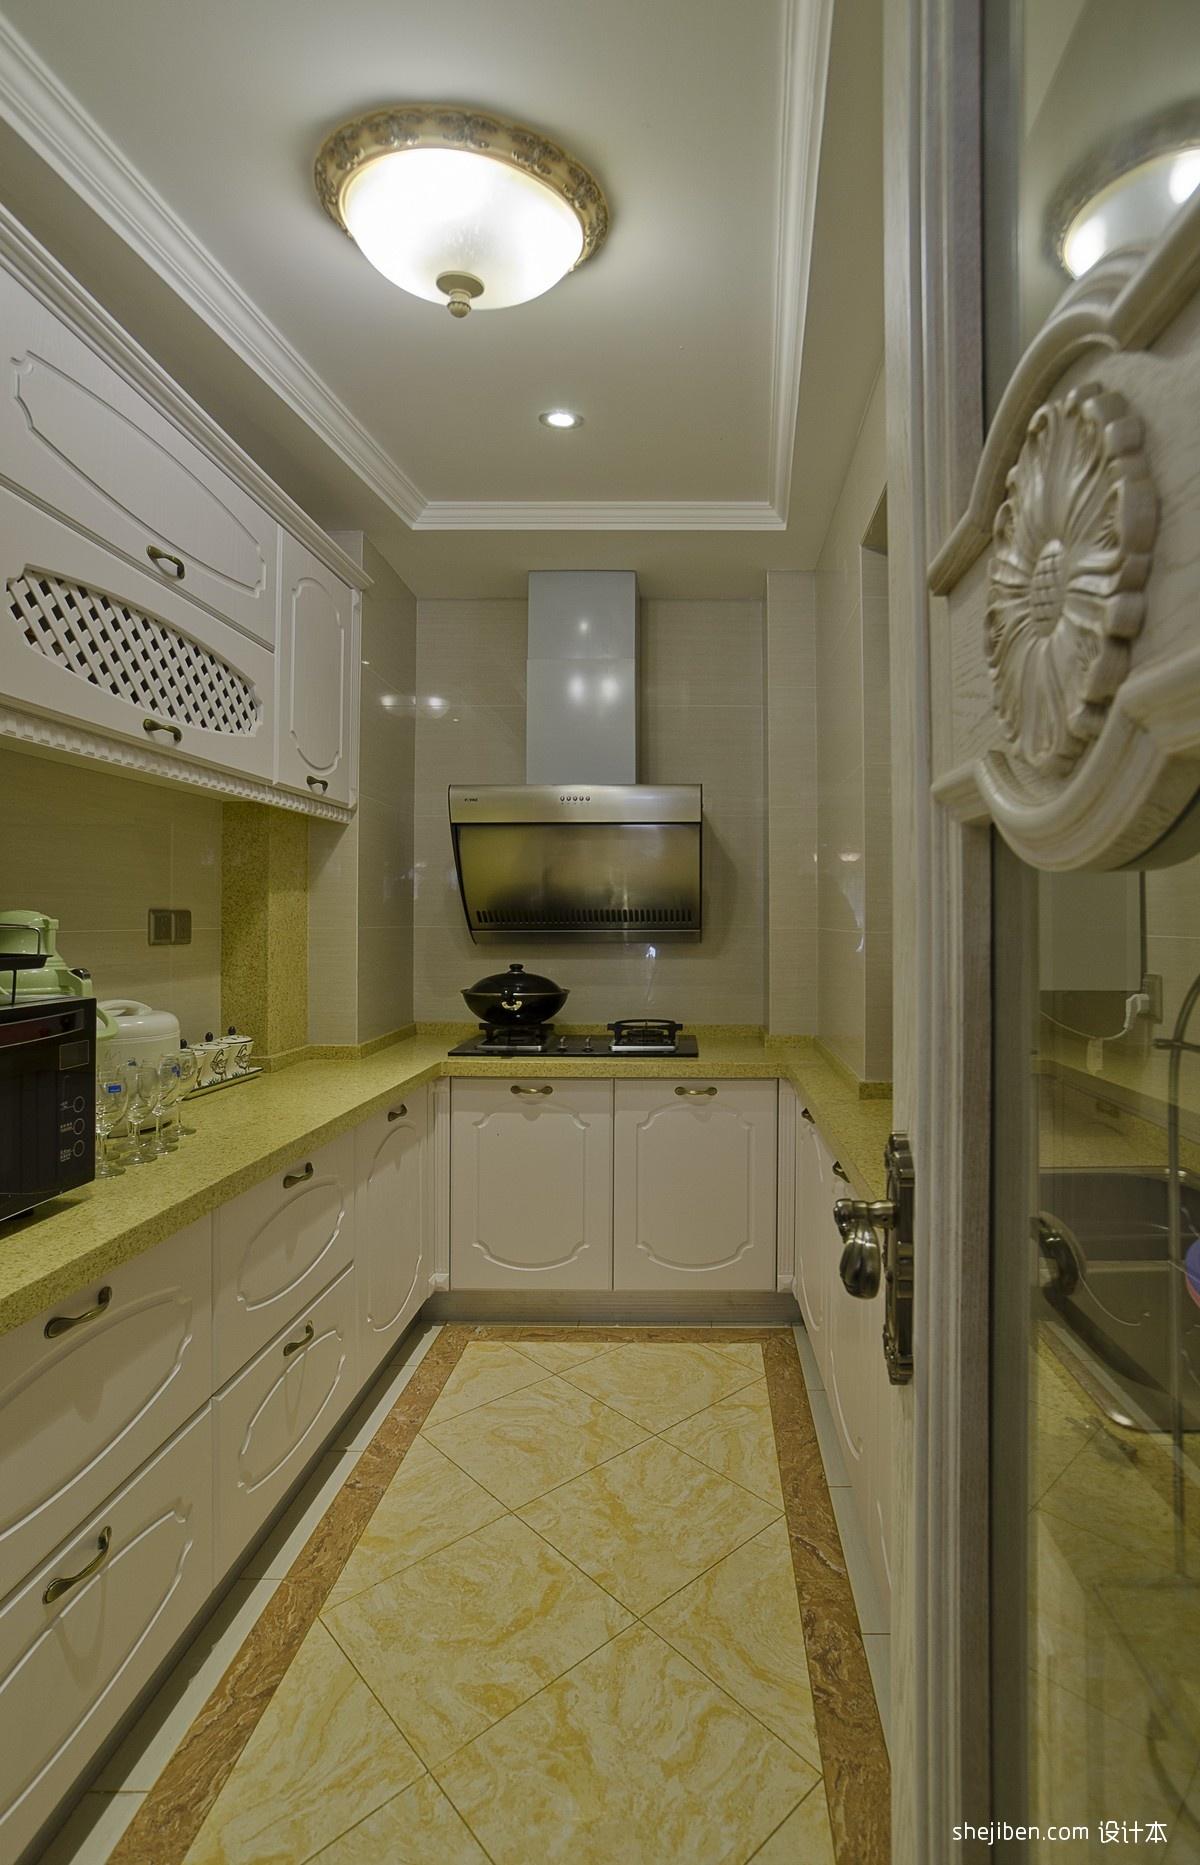 娱乐资讯_2013欧式风格U型封闭式4平米小面积家庭白色橱柜厨房吊顶装修 ...